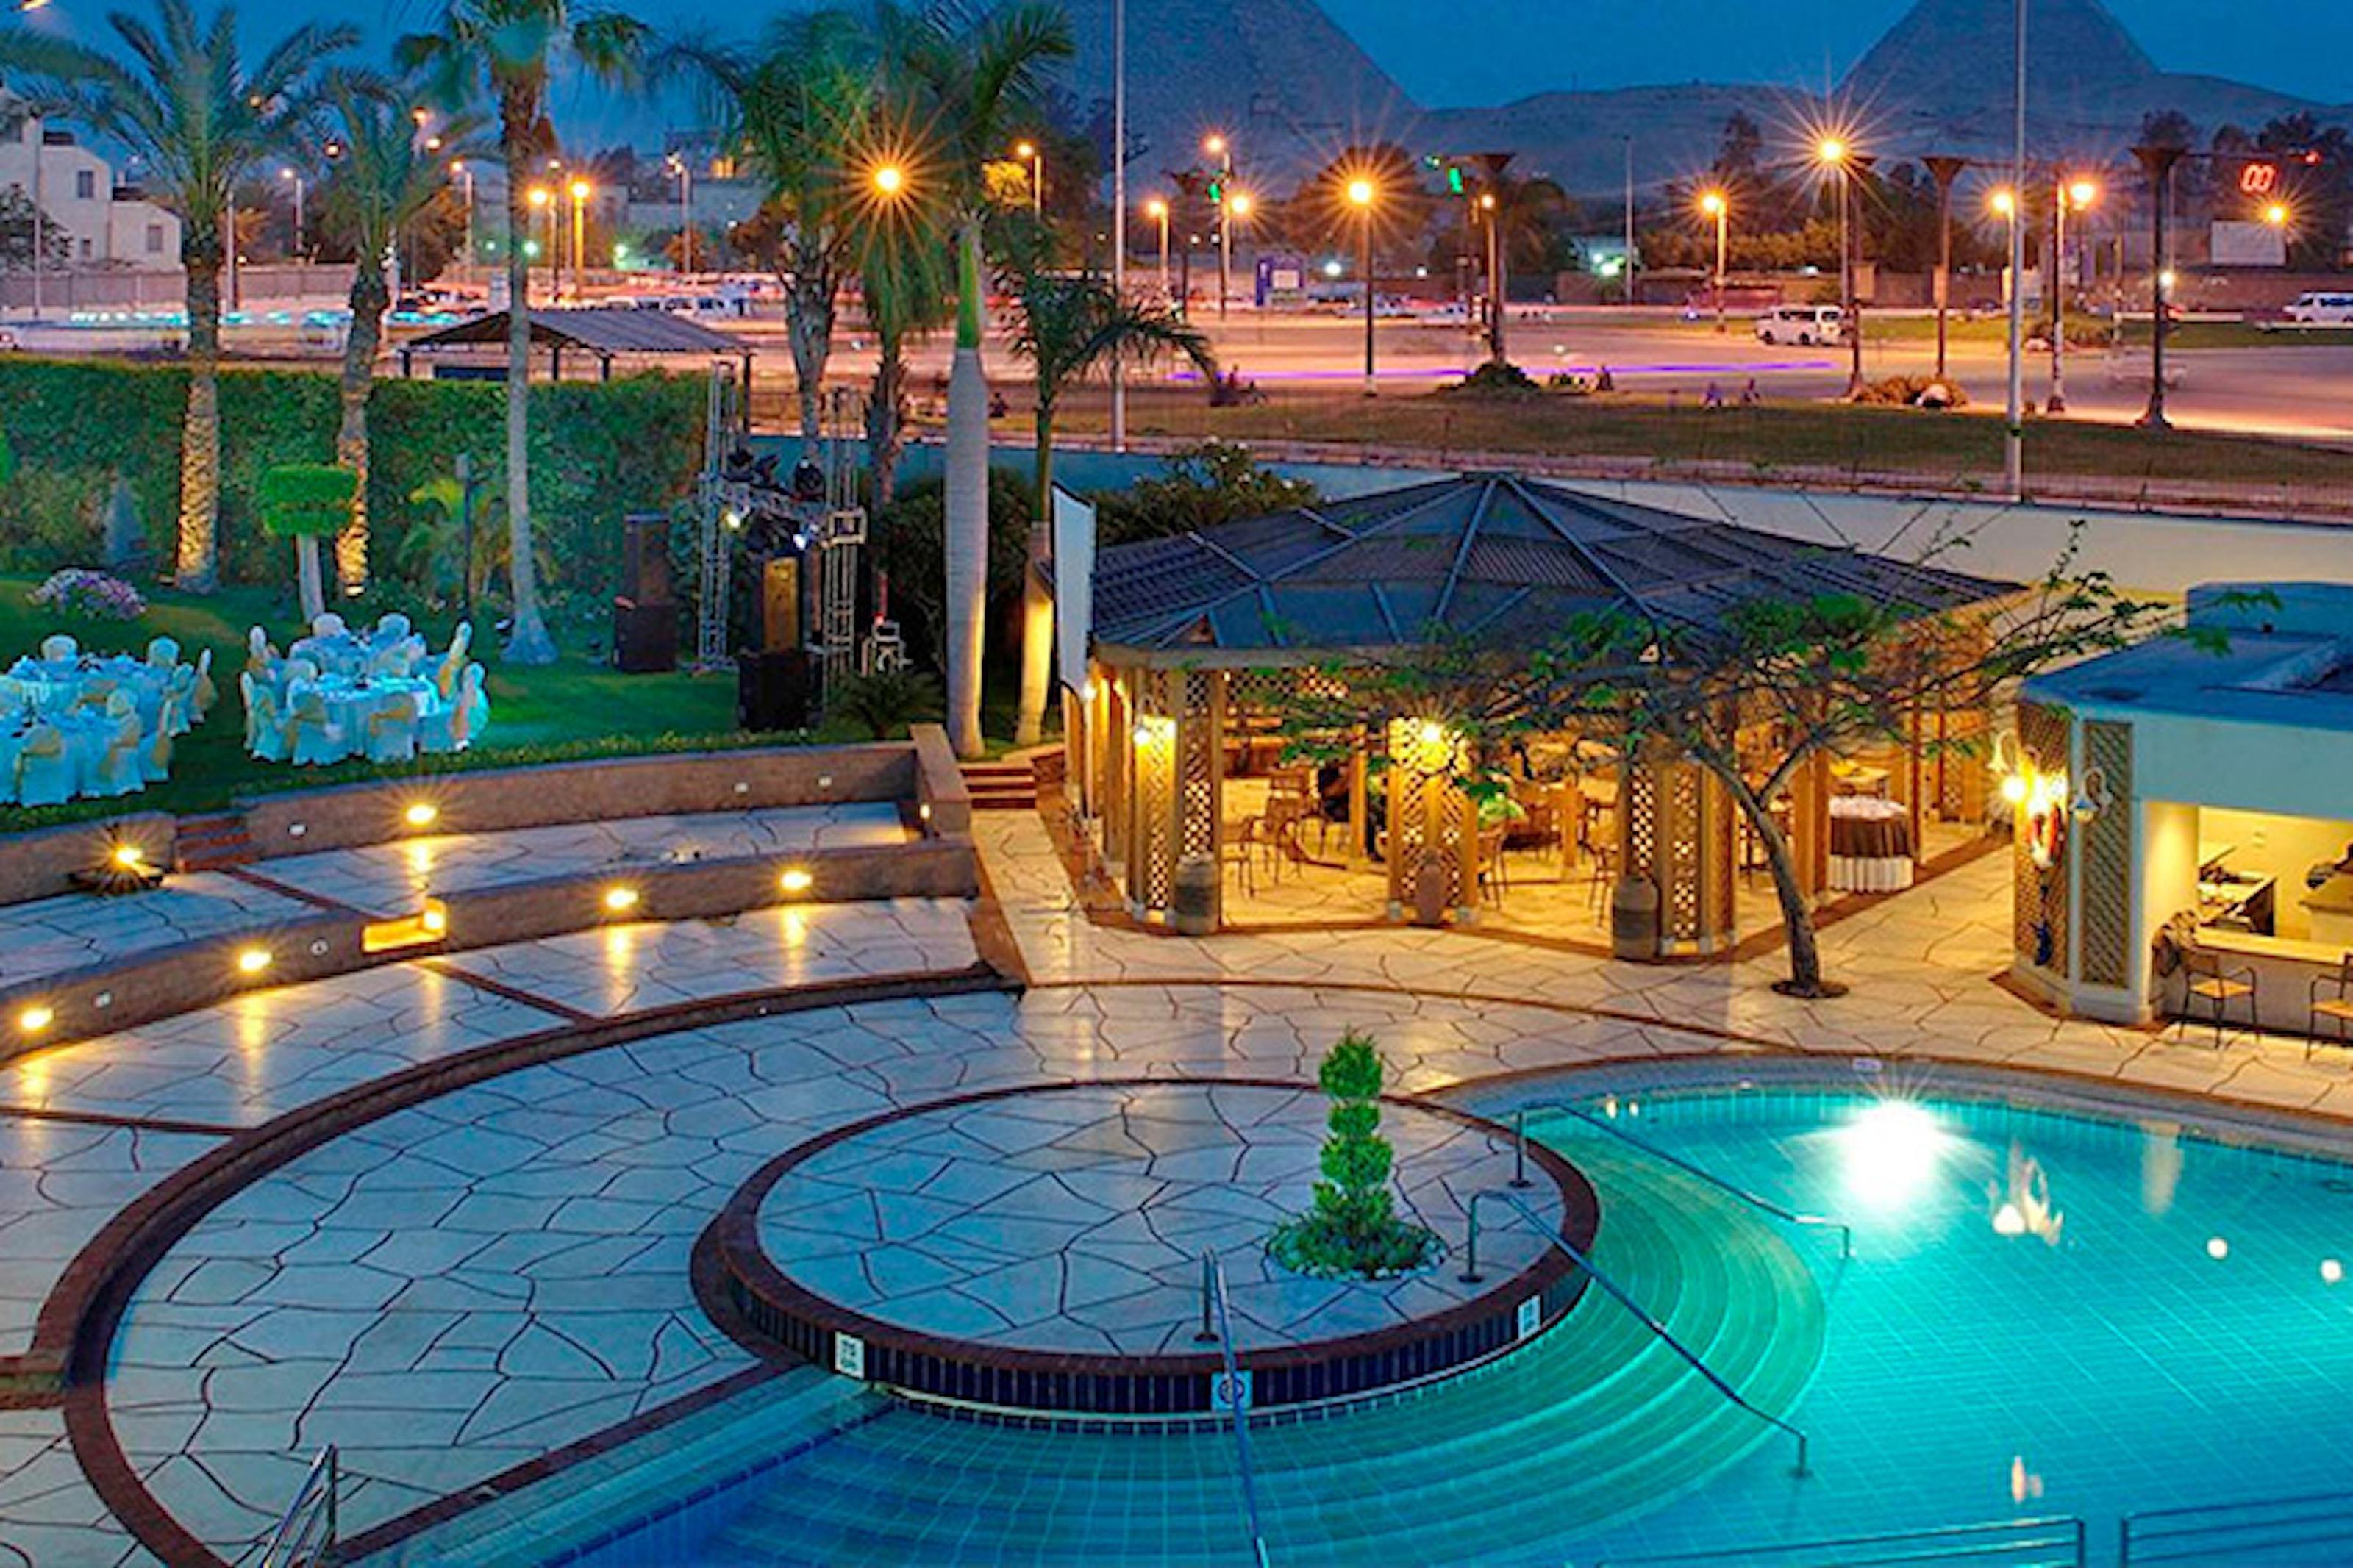 7 netter i Kairo og Luxor, Egypt: Med cruise på Nilen (inkl. fly, transfer og hotell)